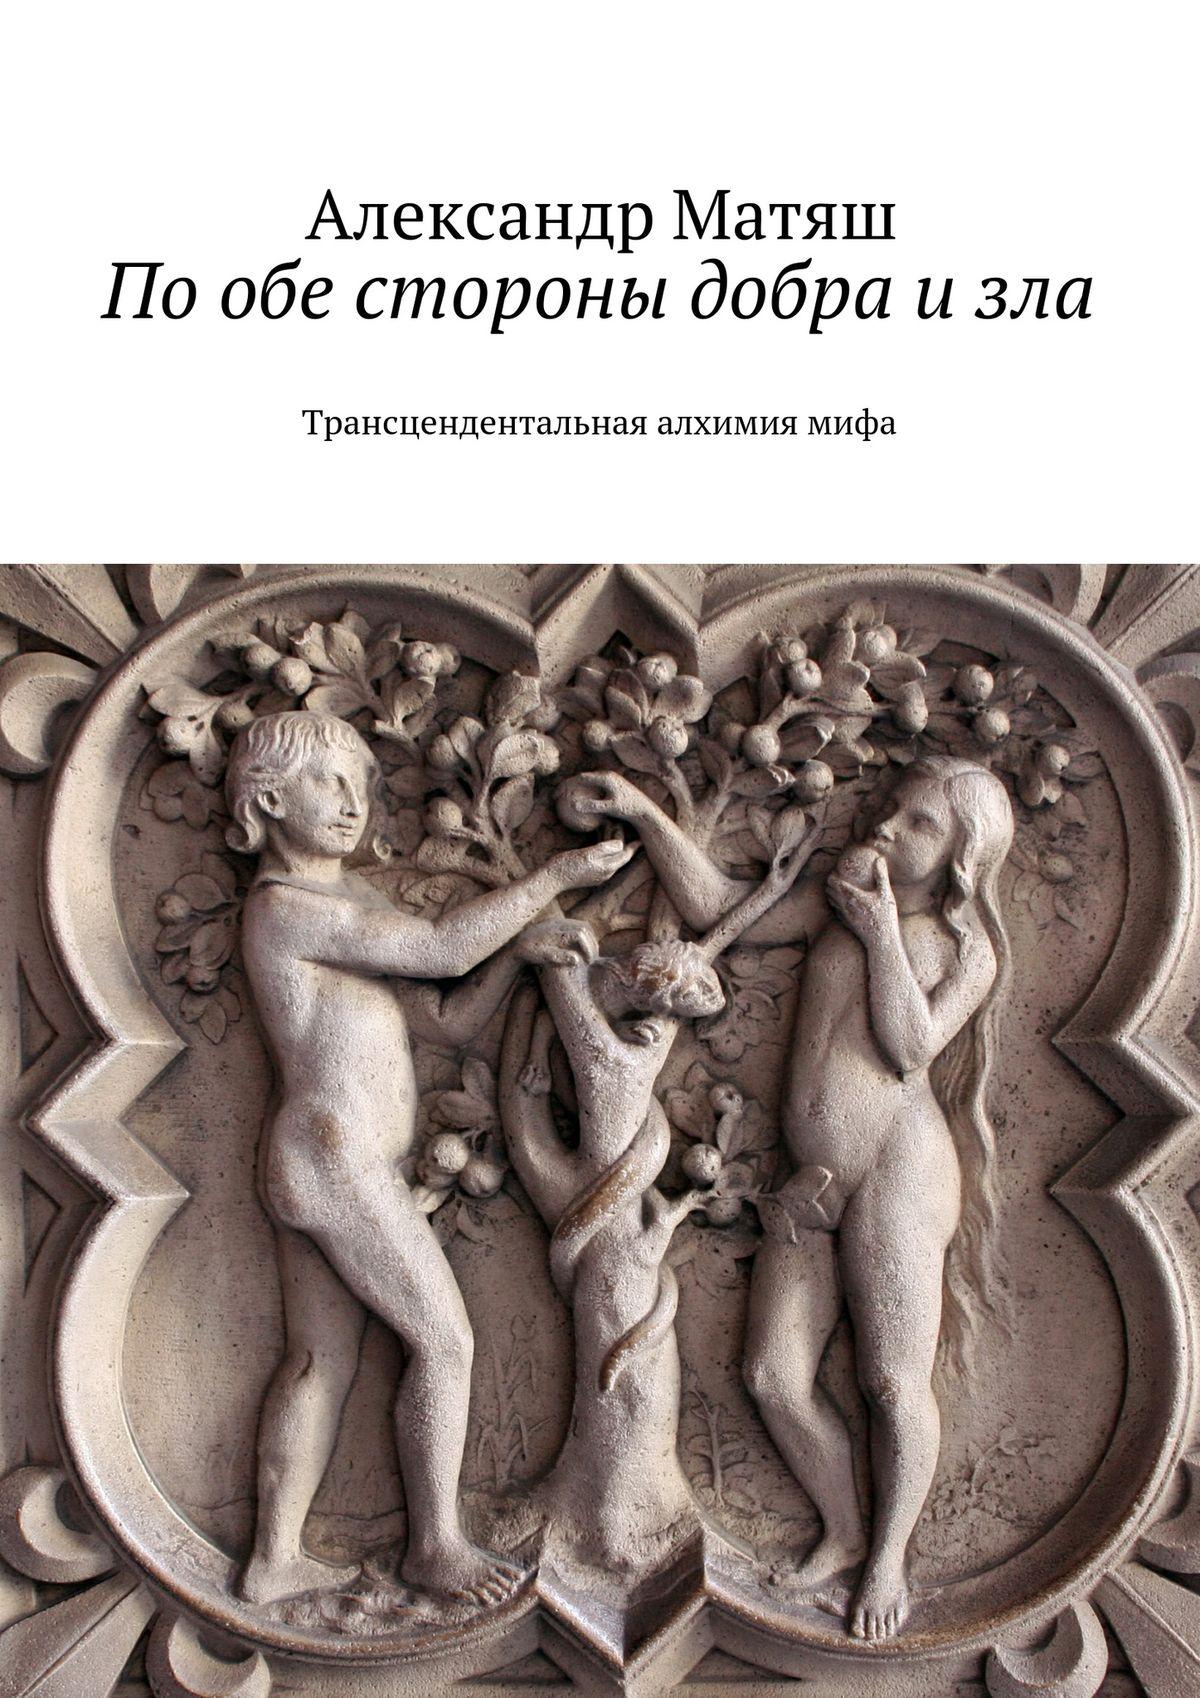 Александр Матяш Пообе стороны добра изла. Трансцендентальная алхимиямифа